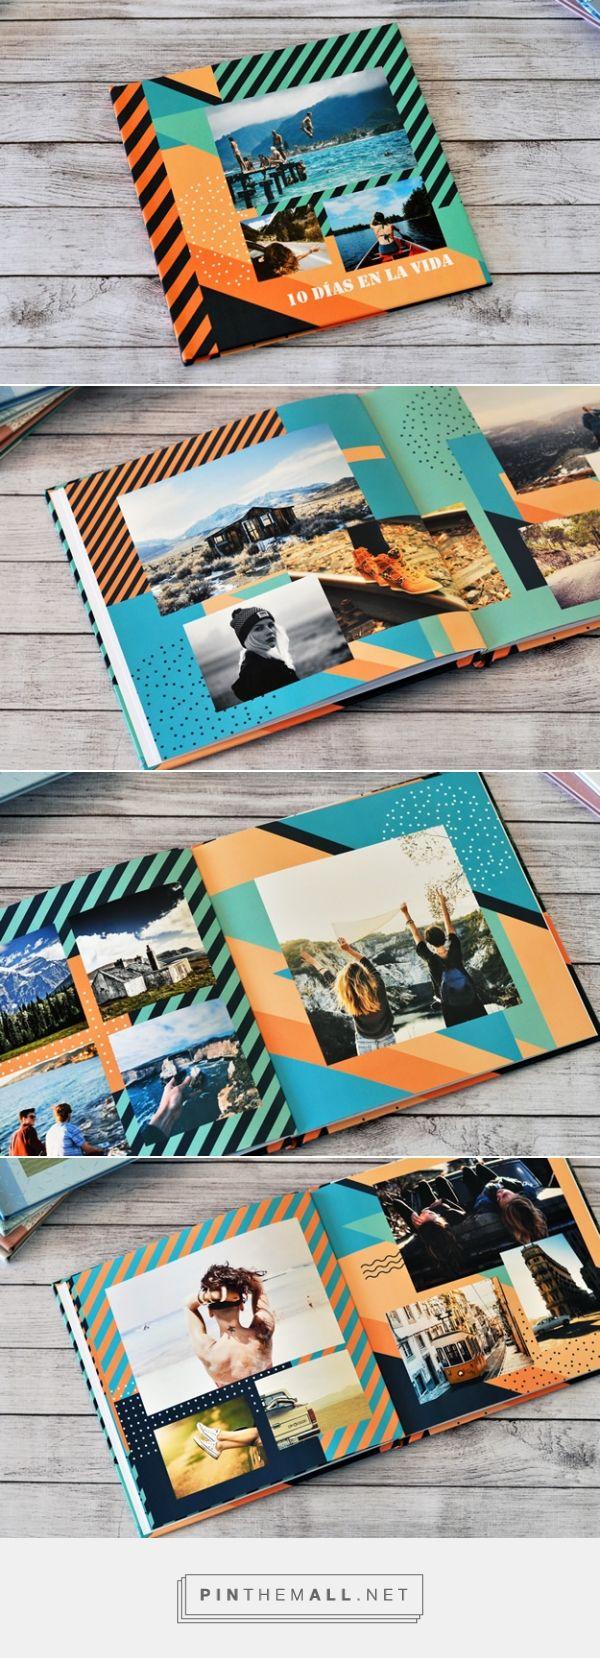 Geometri: Diseño de Fotolibro para descargar Gratis y completar con tus propias fotos. | Blog - Fábrica de Fotolibros - created via https://pinthemall.net